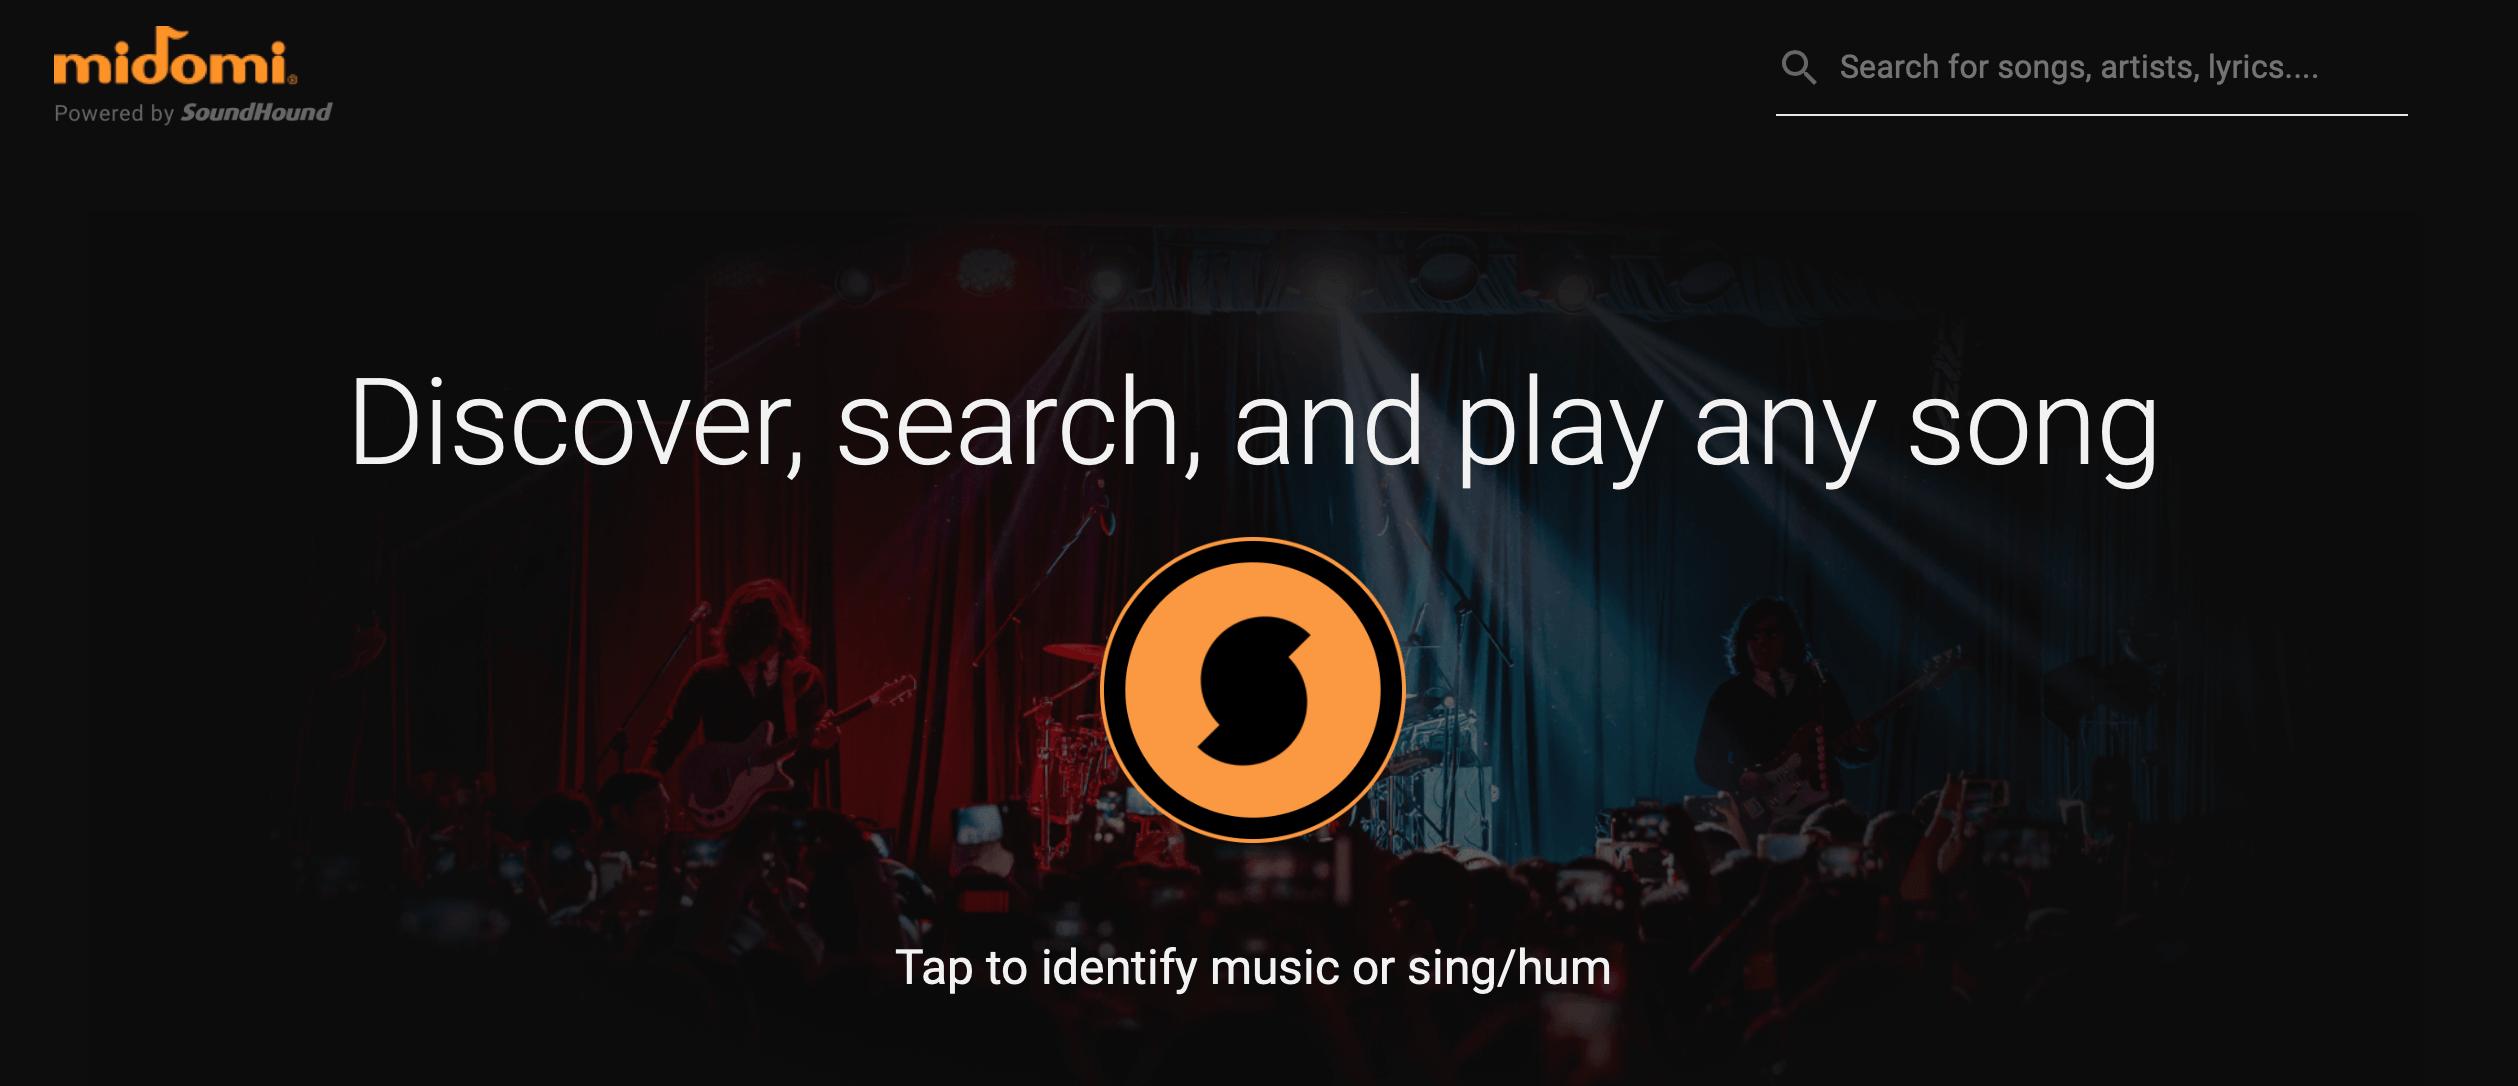 tìm kiếm bài hát qua website midomi